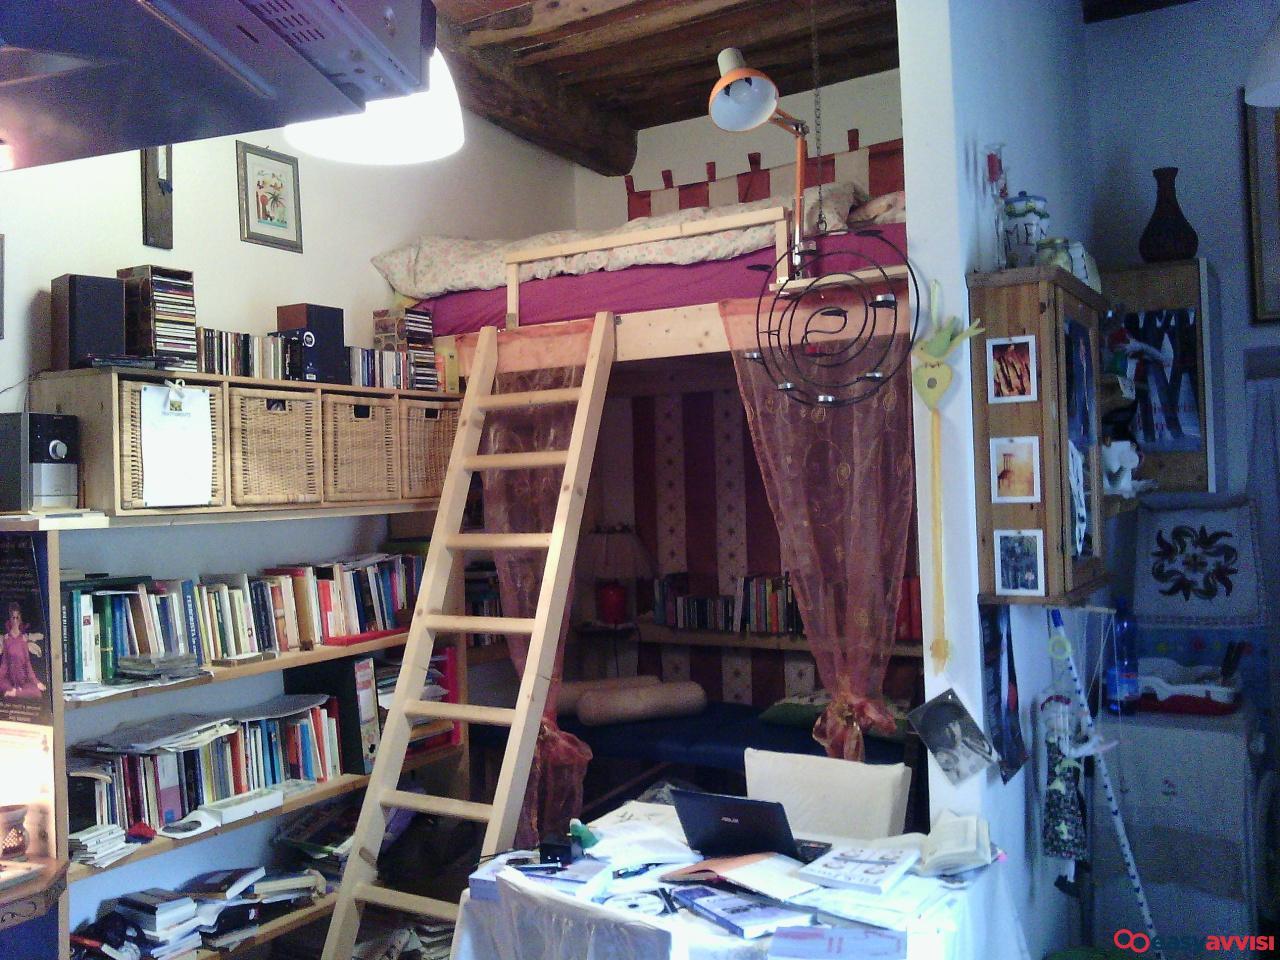 Appartamento 30 mq arredato, provincia di livorno